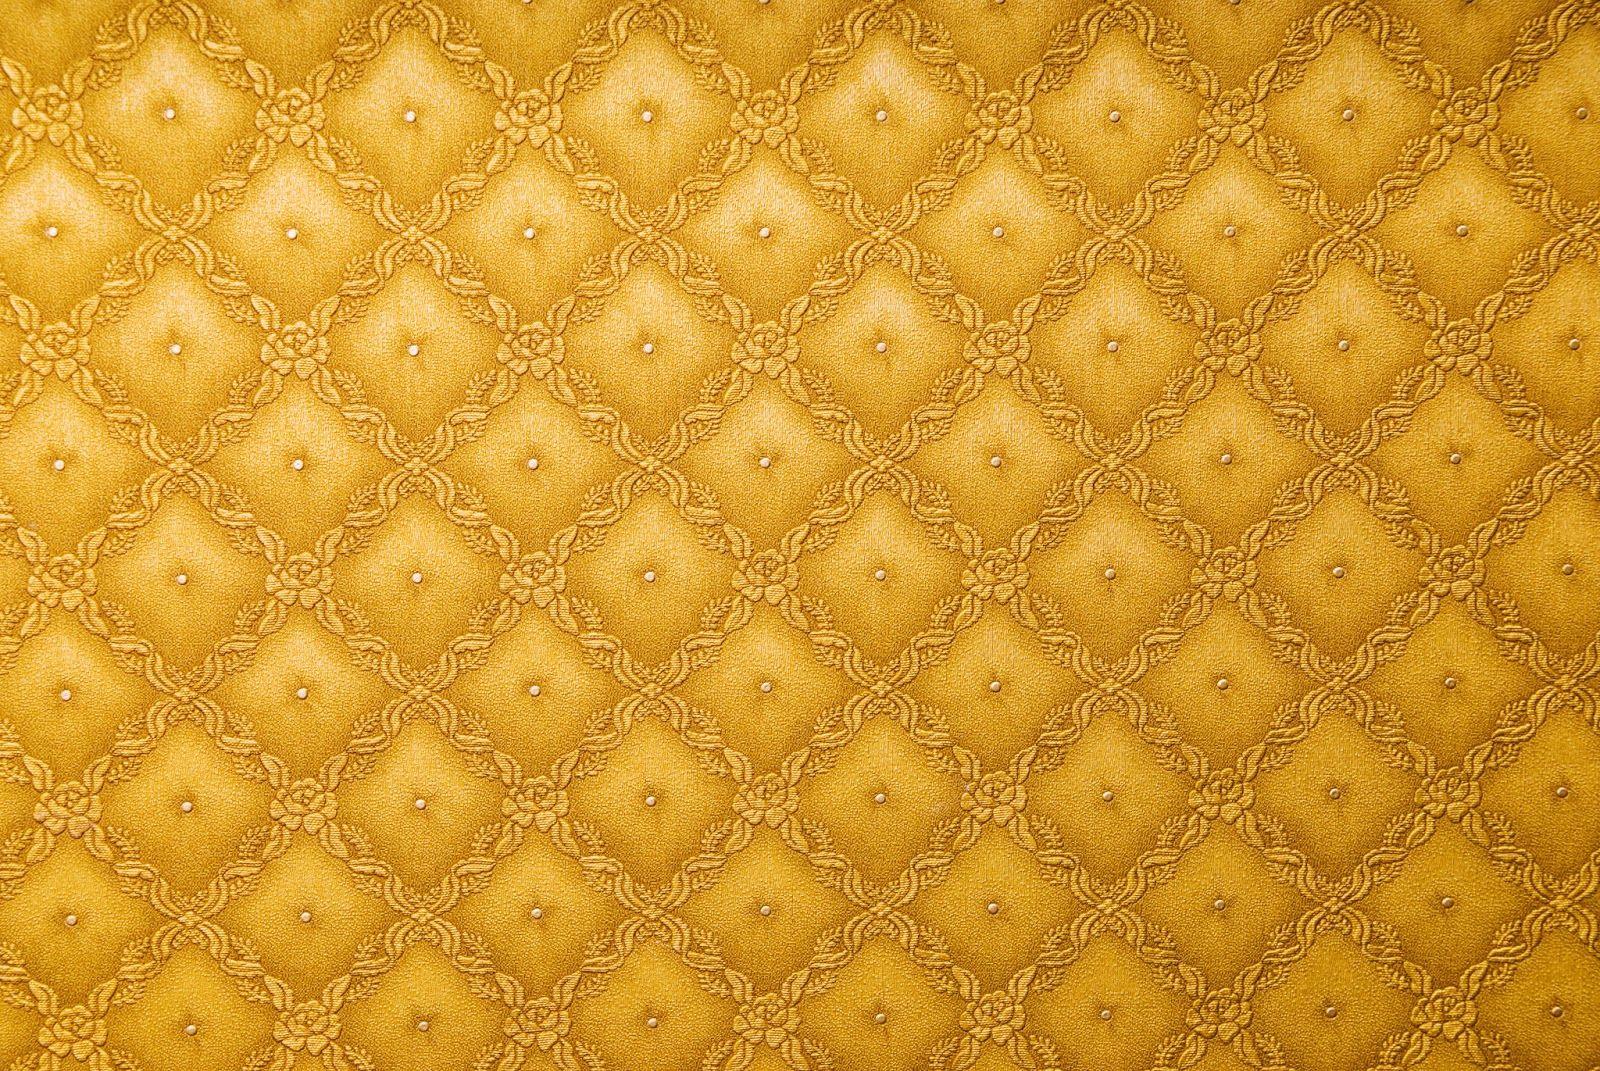 Image Result For خامات ذهبية للتصميم فوتوشوب